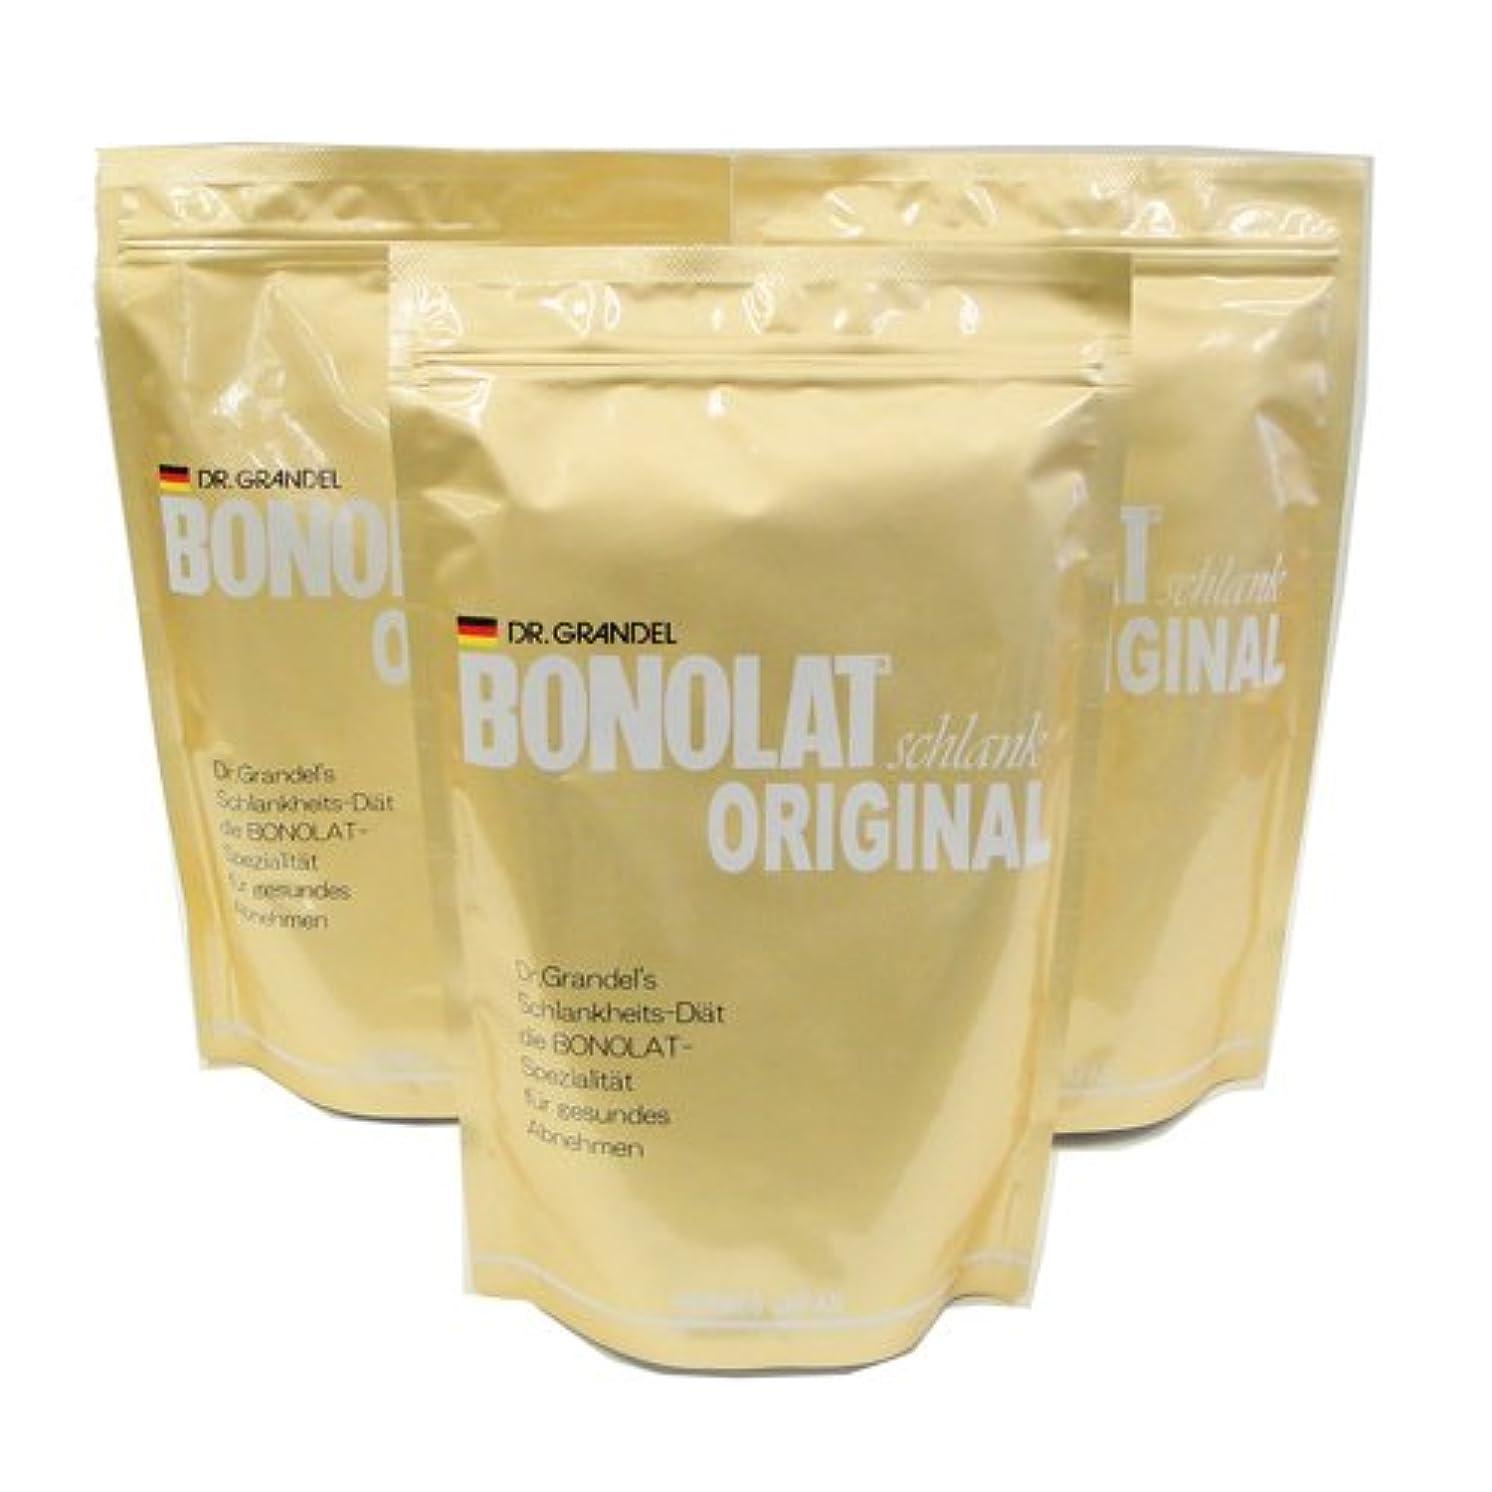 規定熟達した血まみれボノラート 600g×3袋セット(30g×60杯)無添加 乳プロテイン 置き換え シェイク